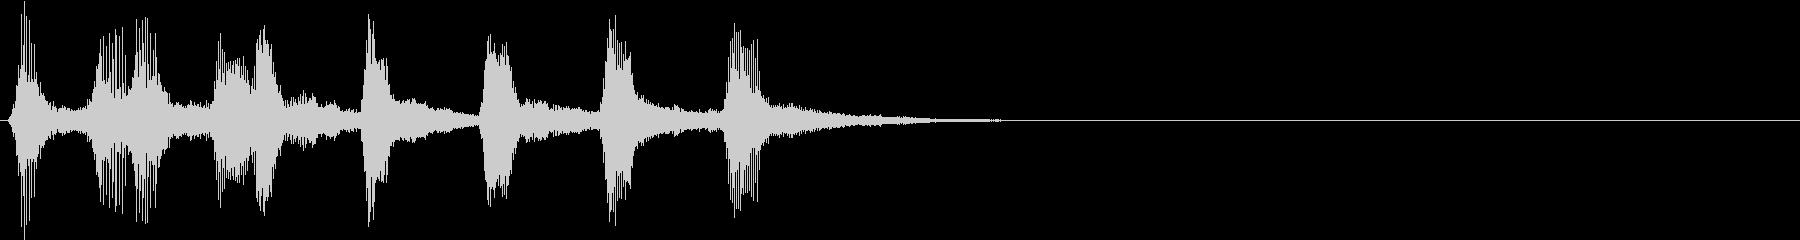 ハロウィン モンスター 不気味ジングル2の未再生の波形